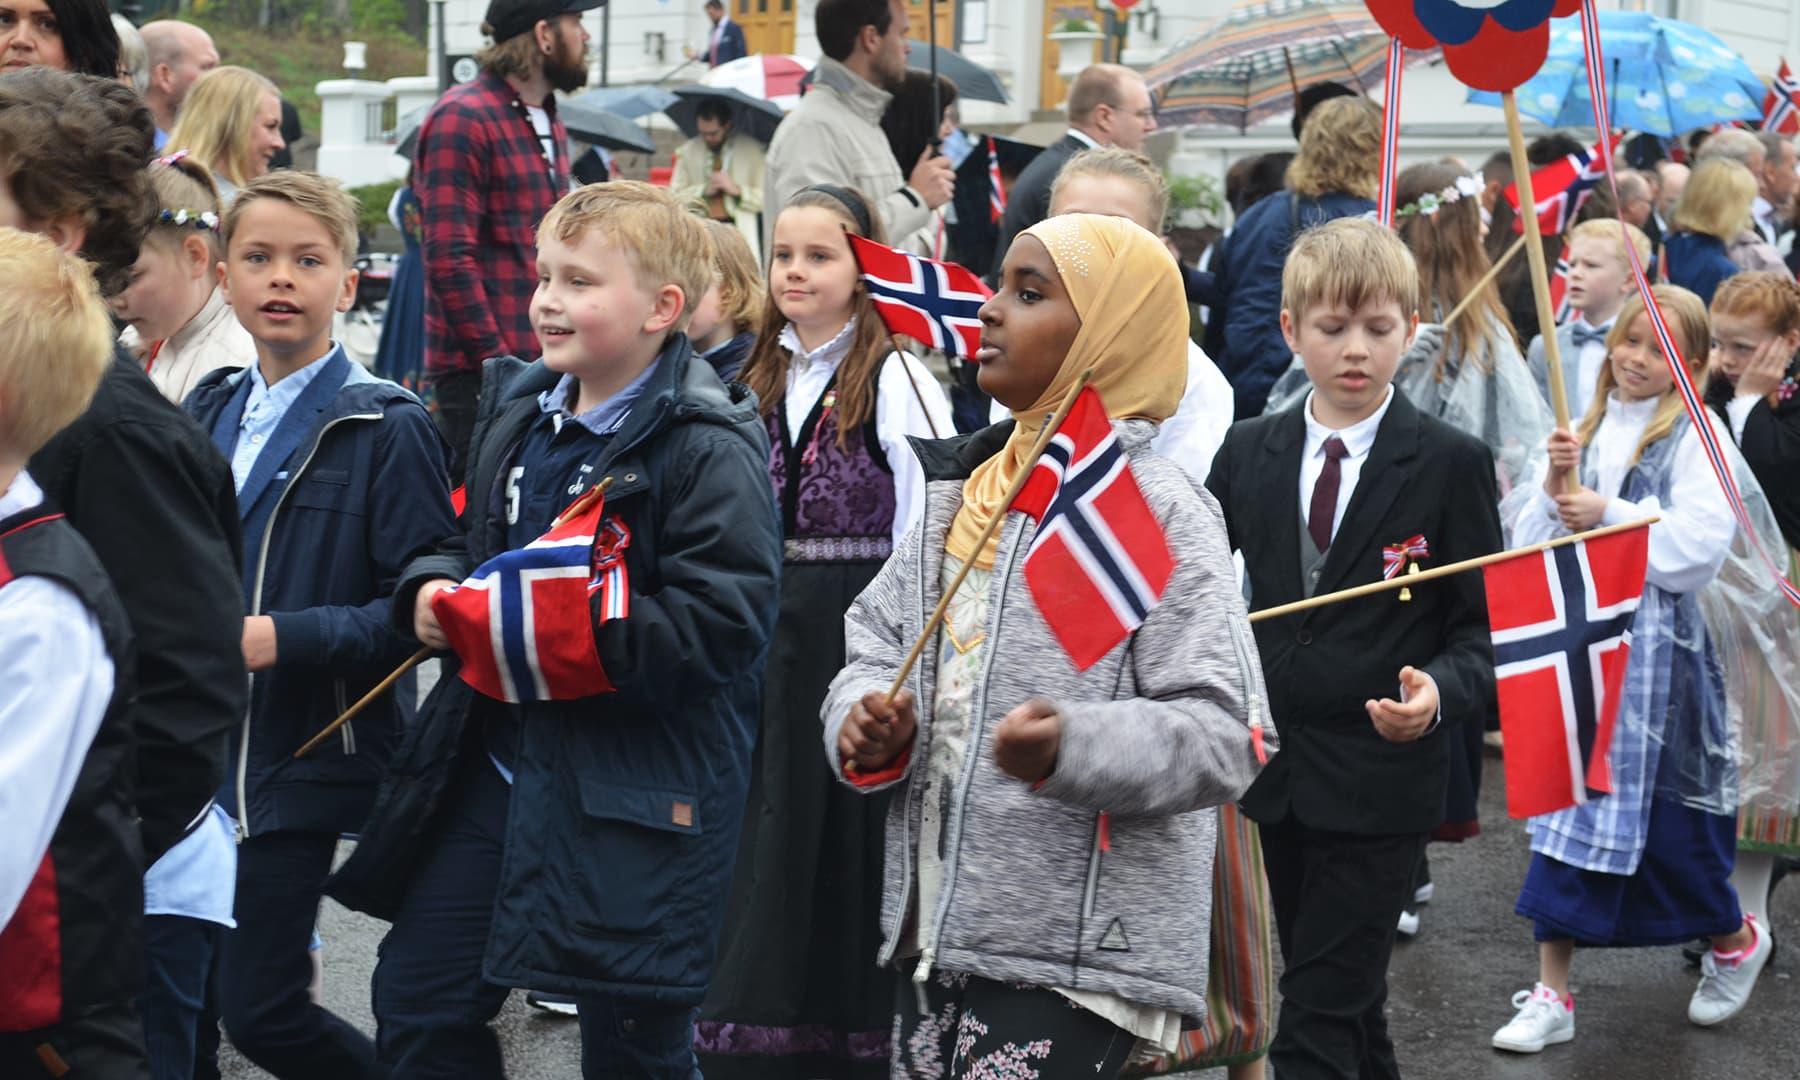 ناروے کے دیگر شہروں کی طرح سارسبرگ میں بھی قومی دن کو پریڈ کا انعقاد کیا جاتا ہے—تصویر رمضان رفیق